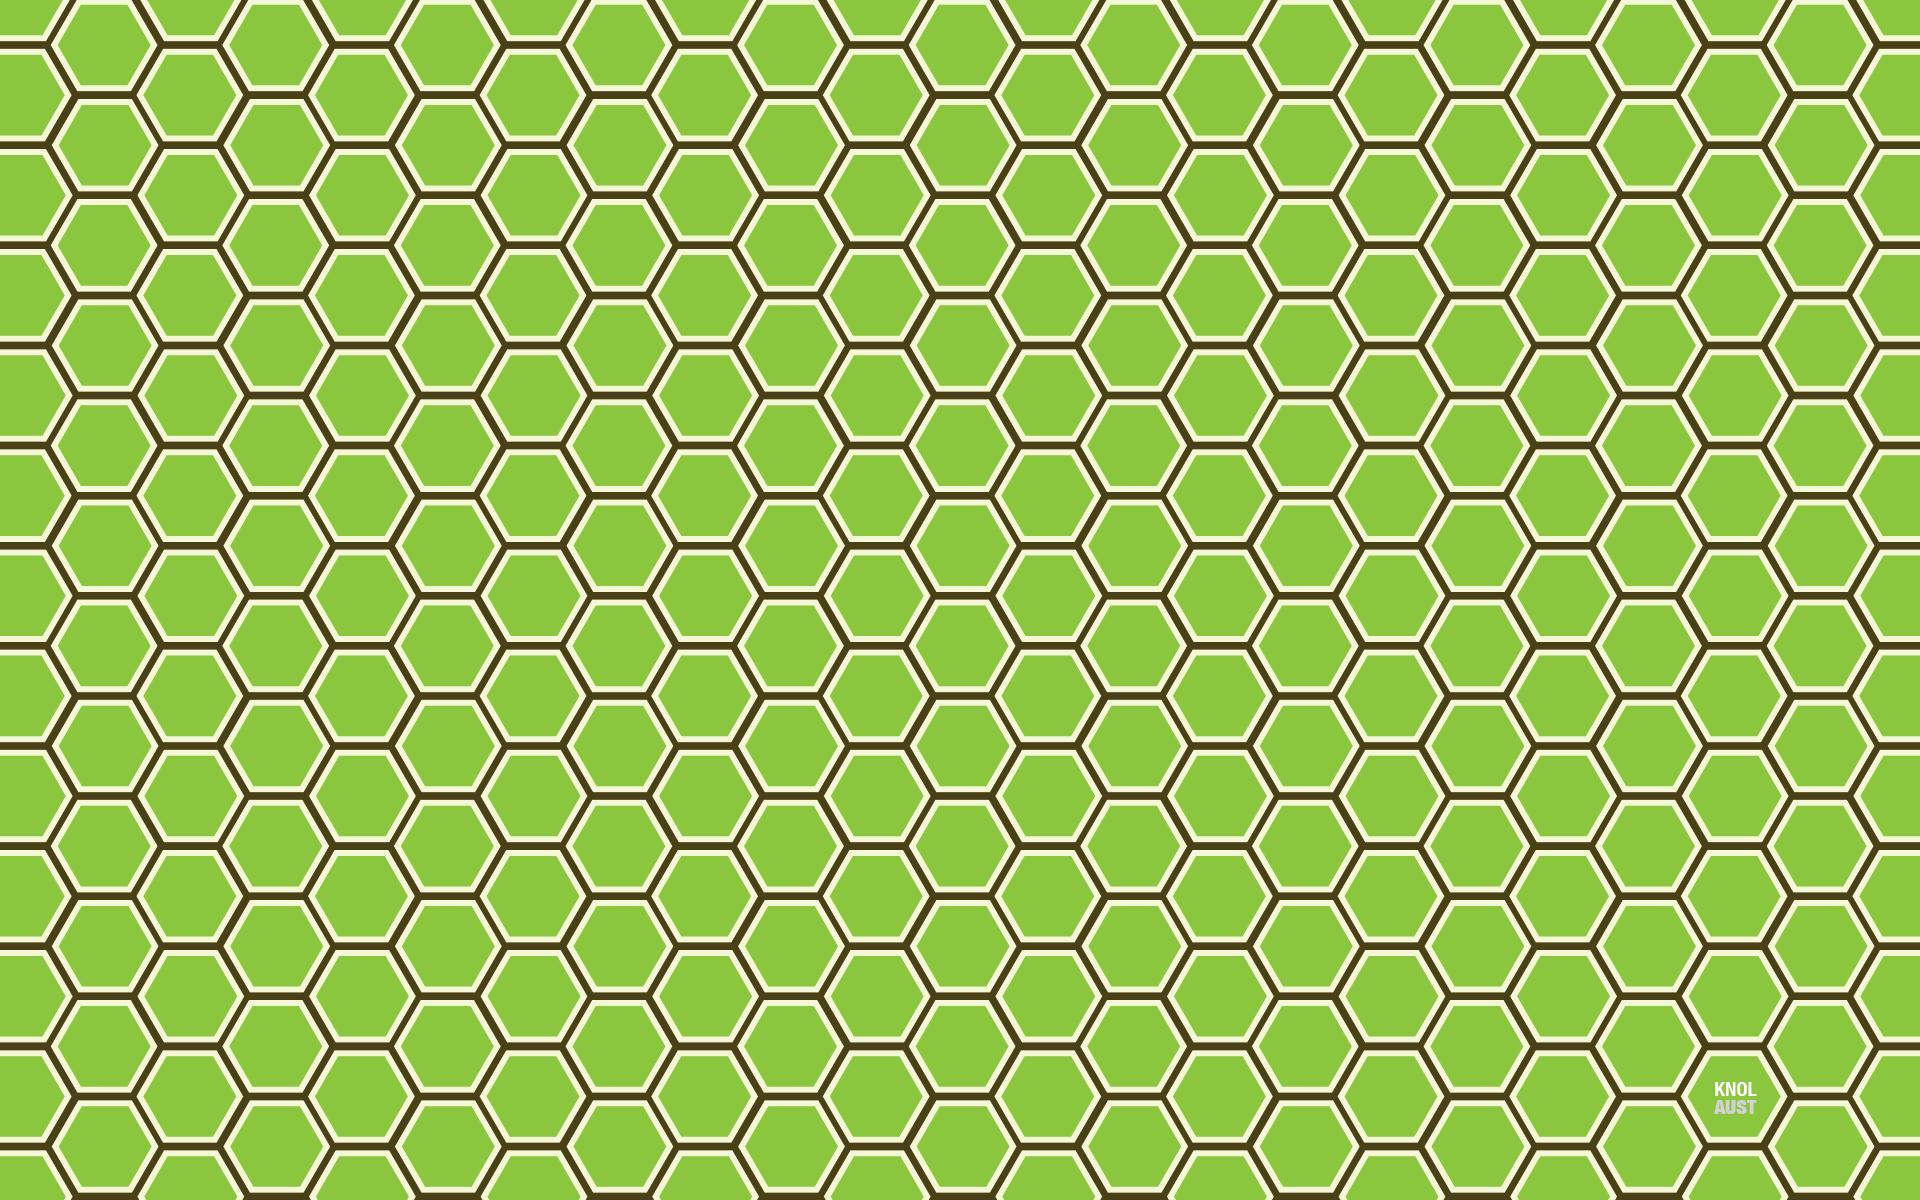 Geometric Wallpaper Patterns 1920x1200